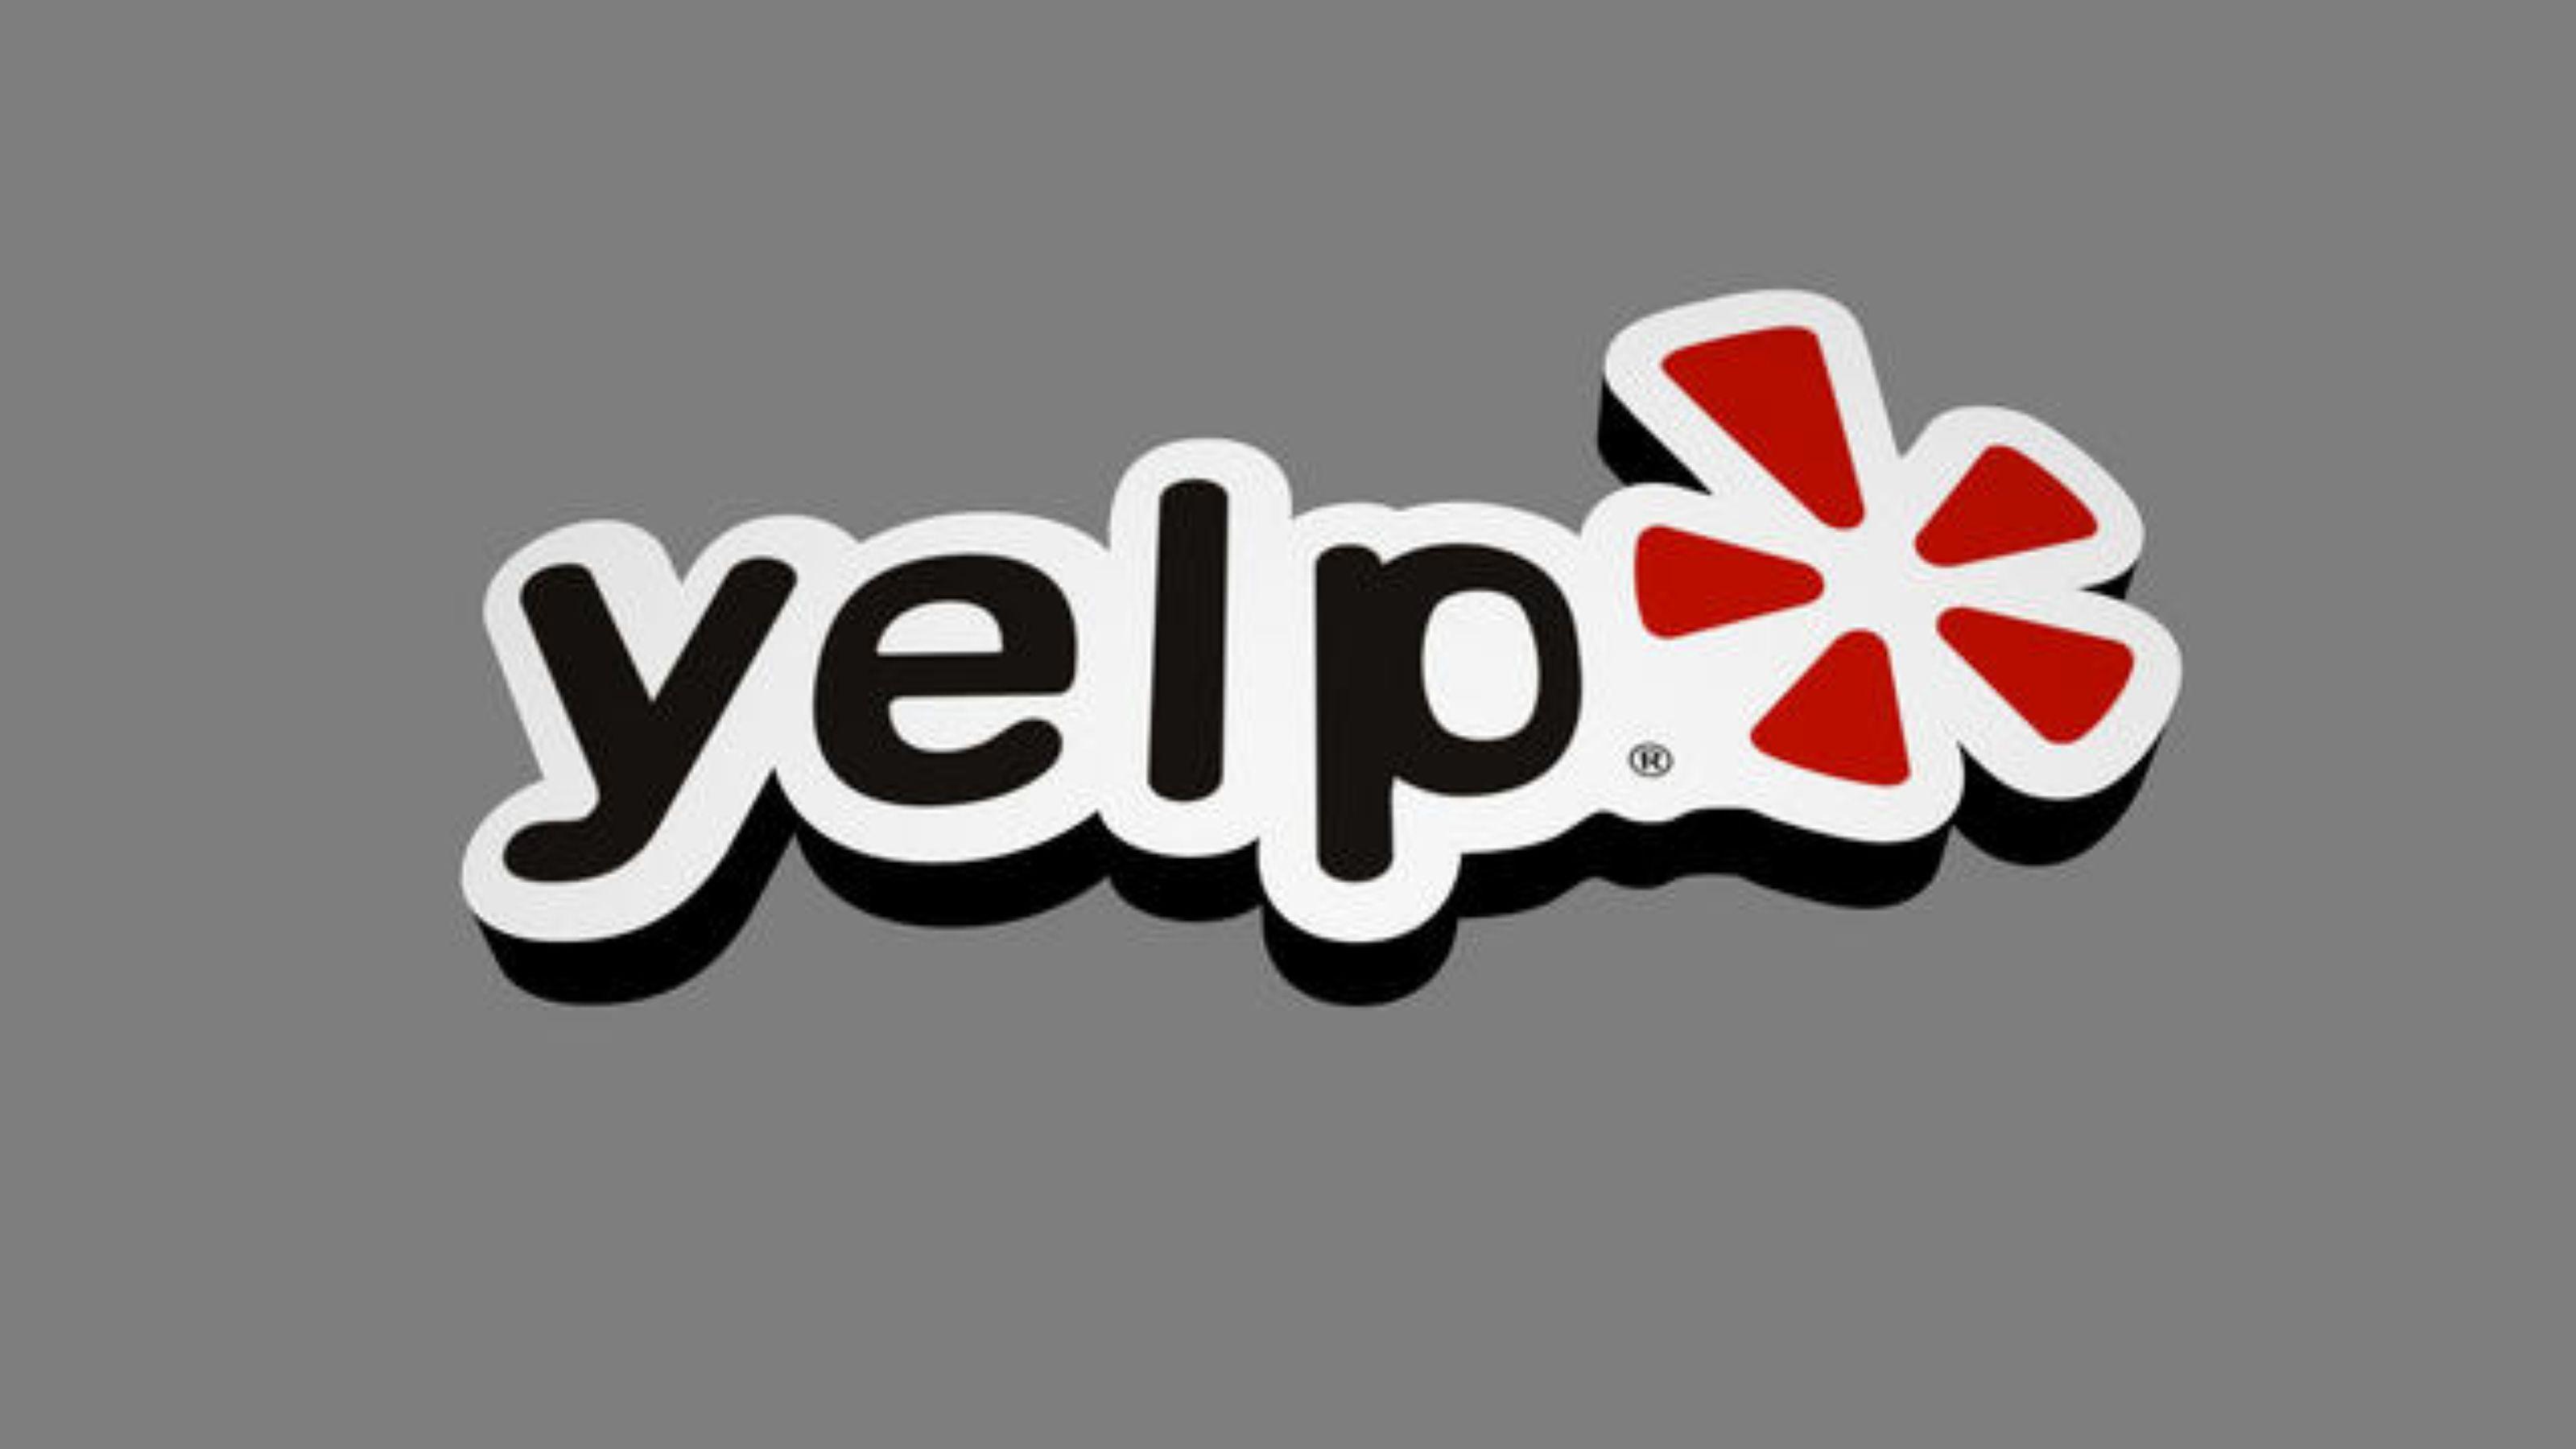 3200x1800 Yelp Logos